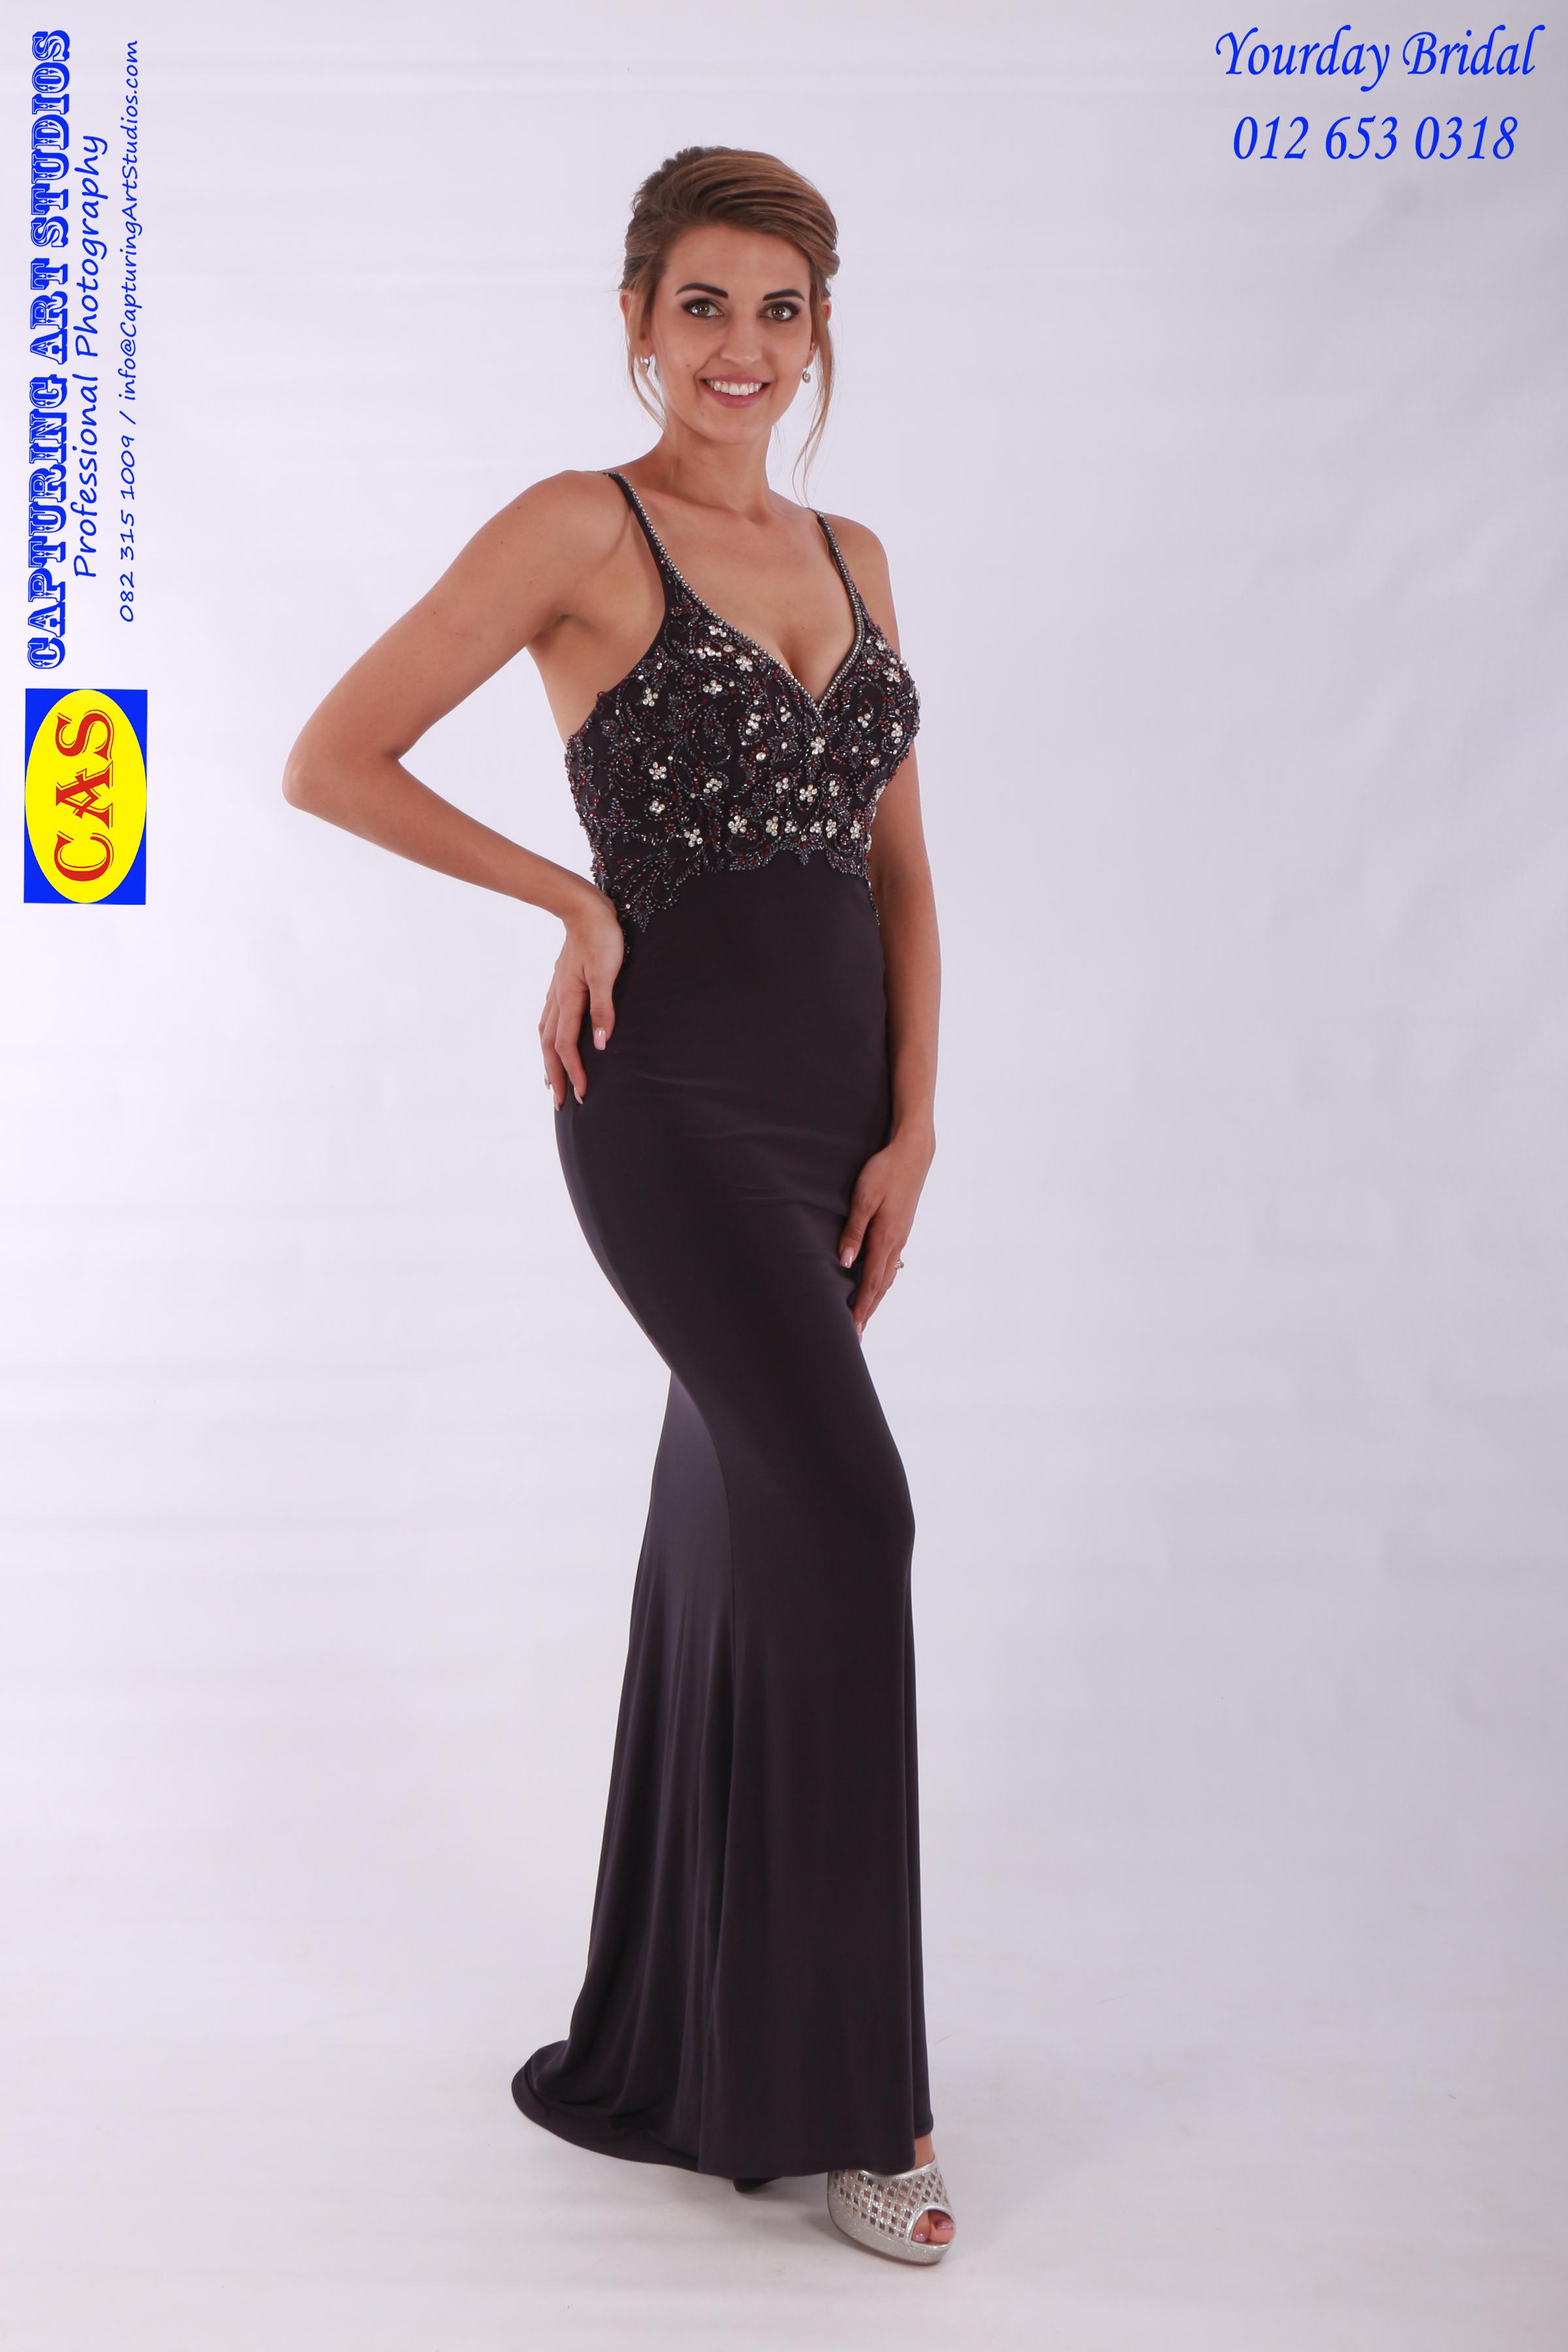 md84875-matric-farewelldance-dresses--matriekafskeidrokke-